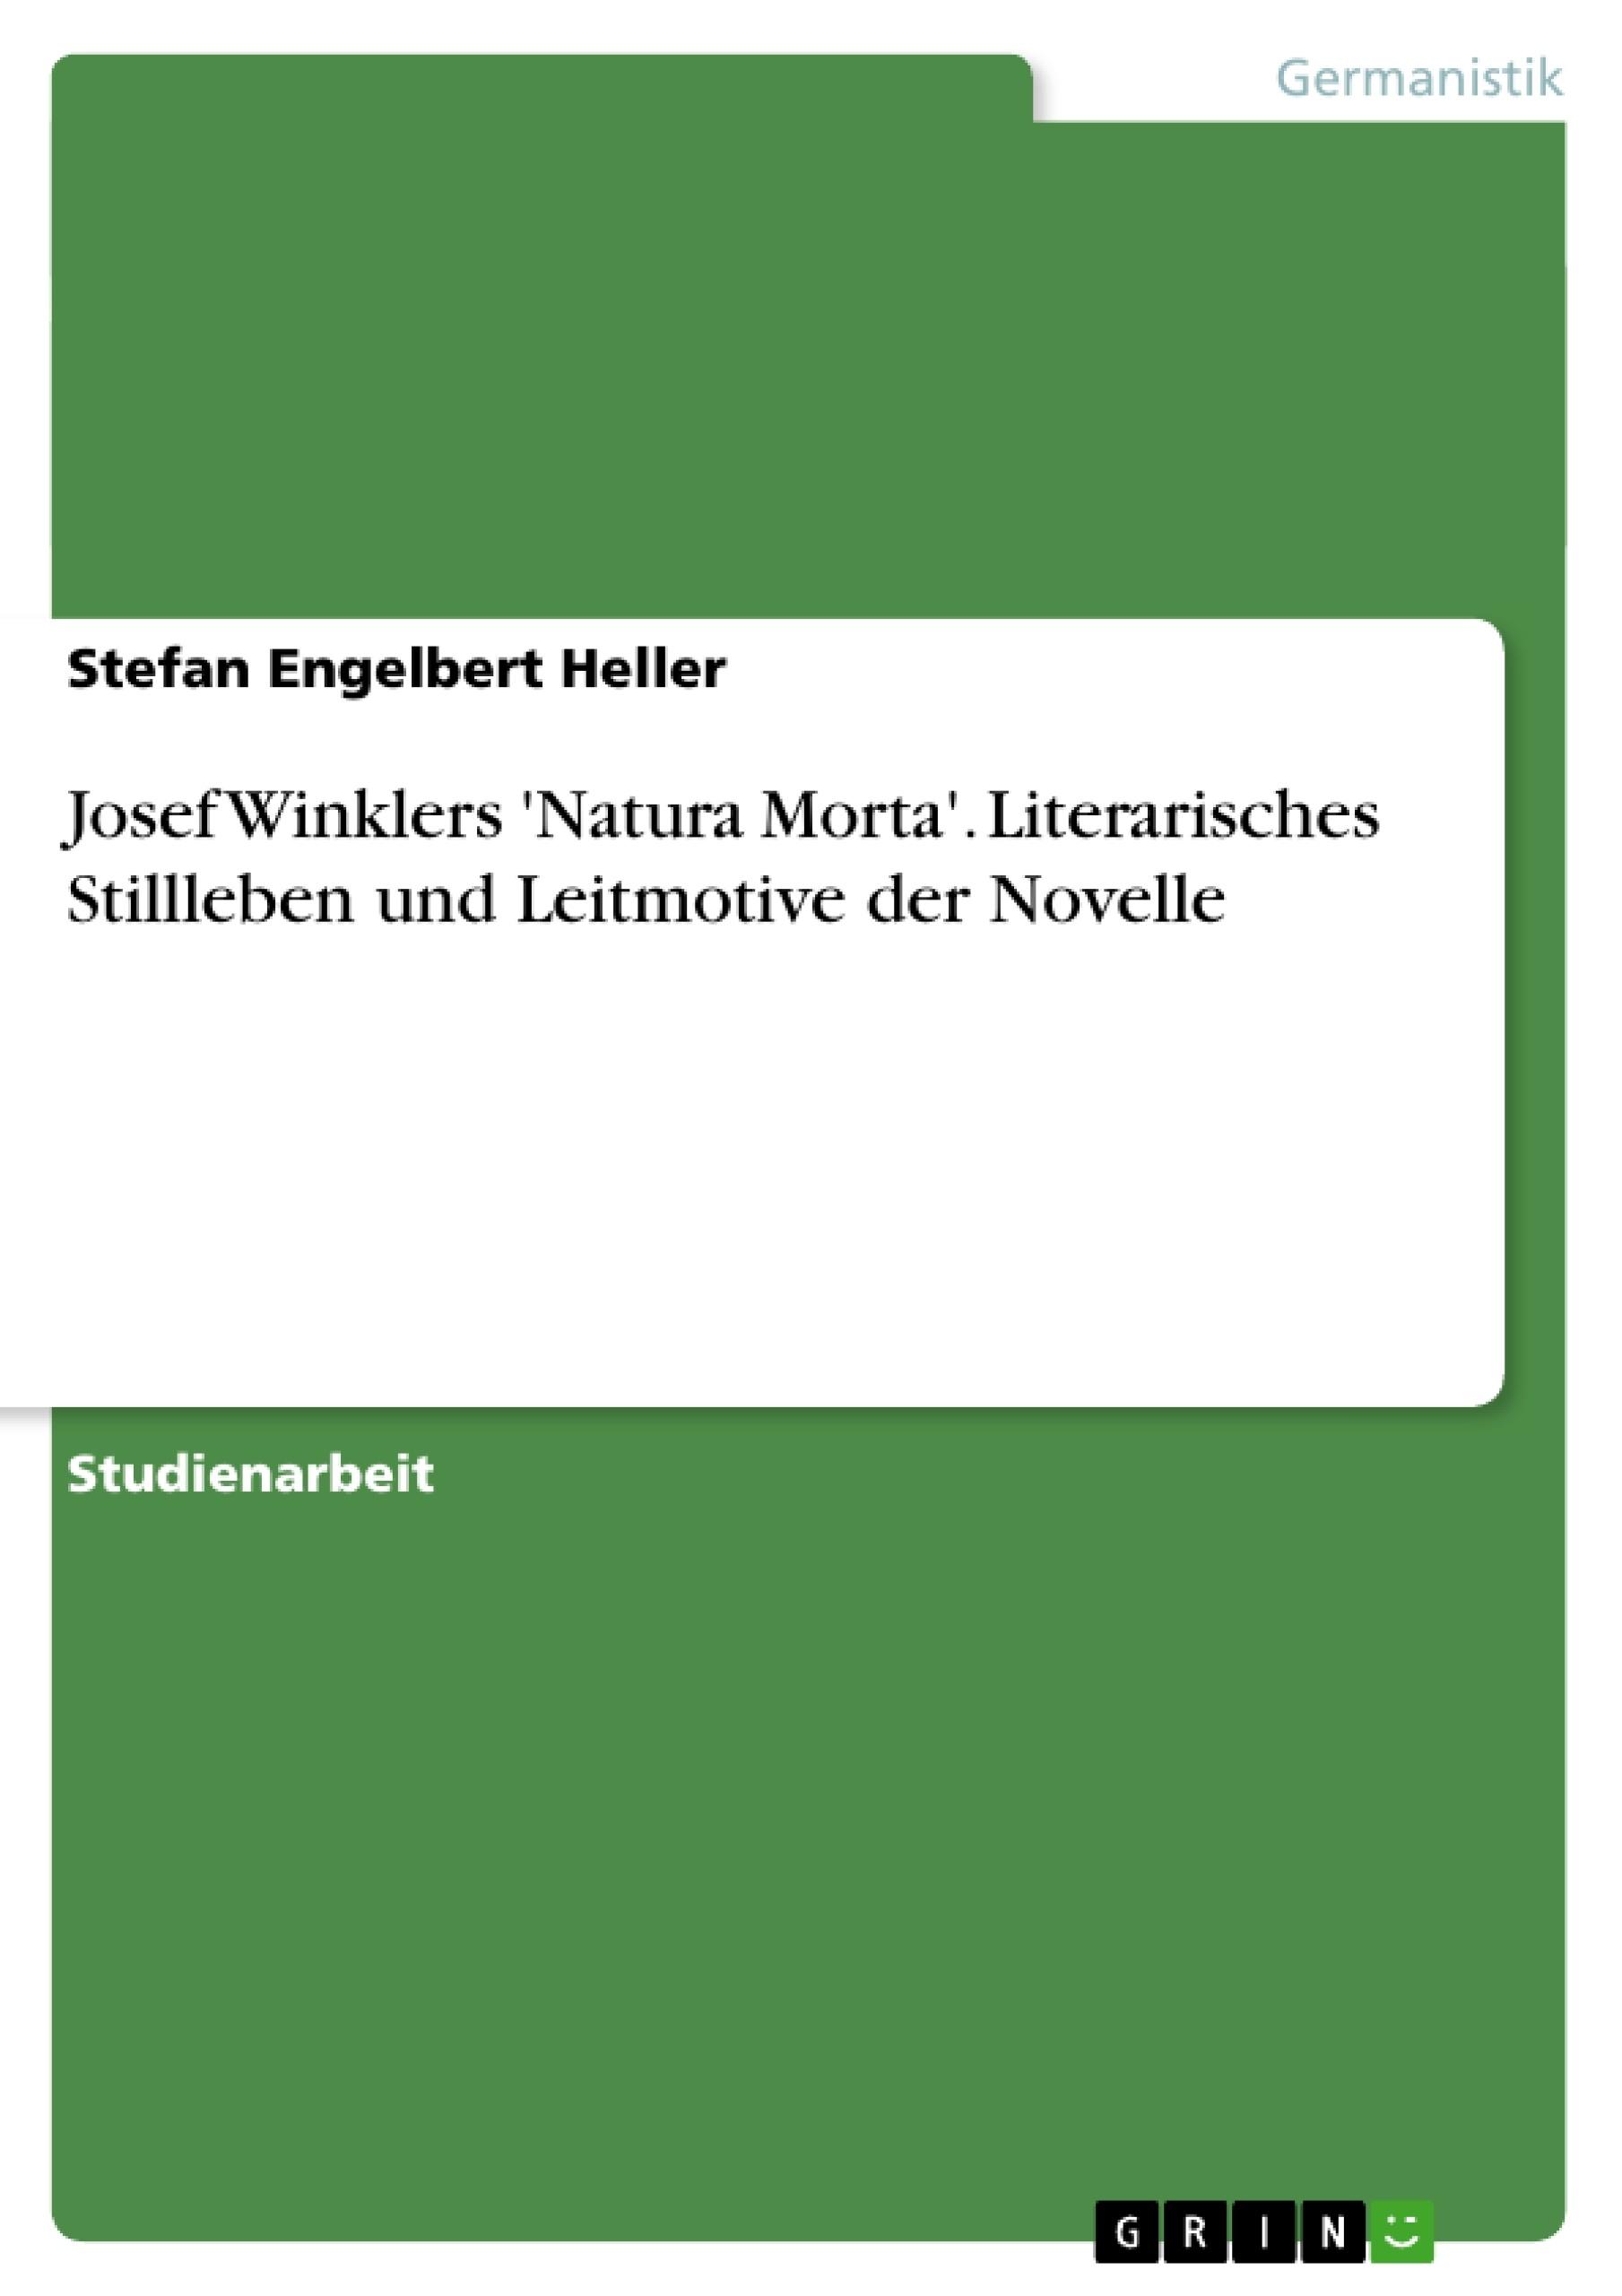 Titel: Josef Winklers 'Natura Morta'. Literarisches Stillleben und Leitmotive der Novelle